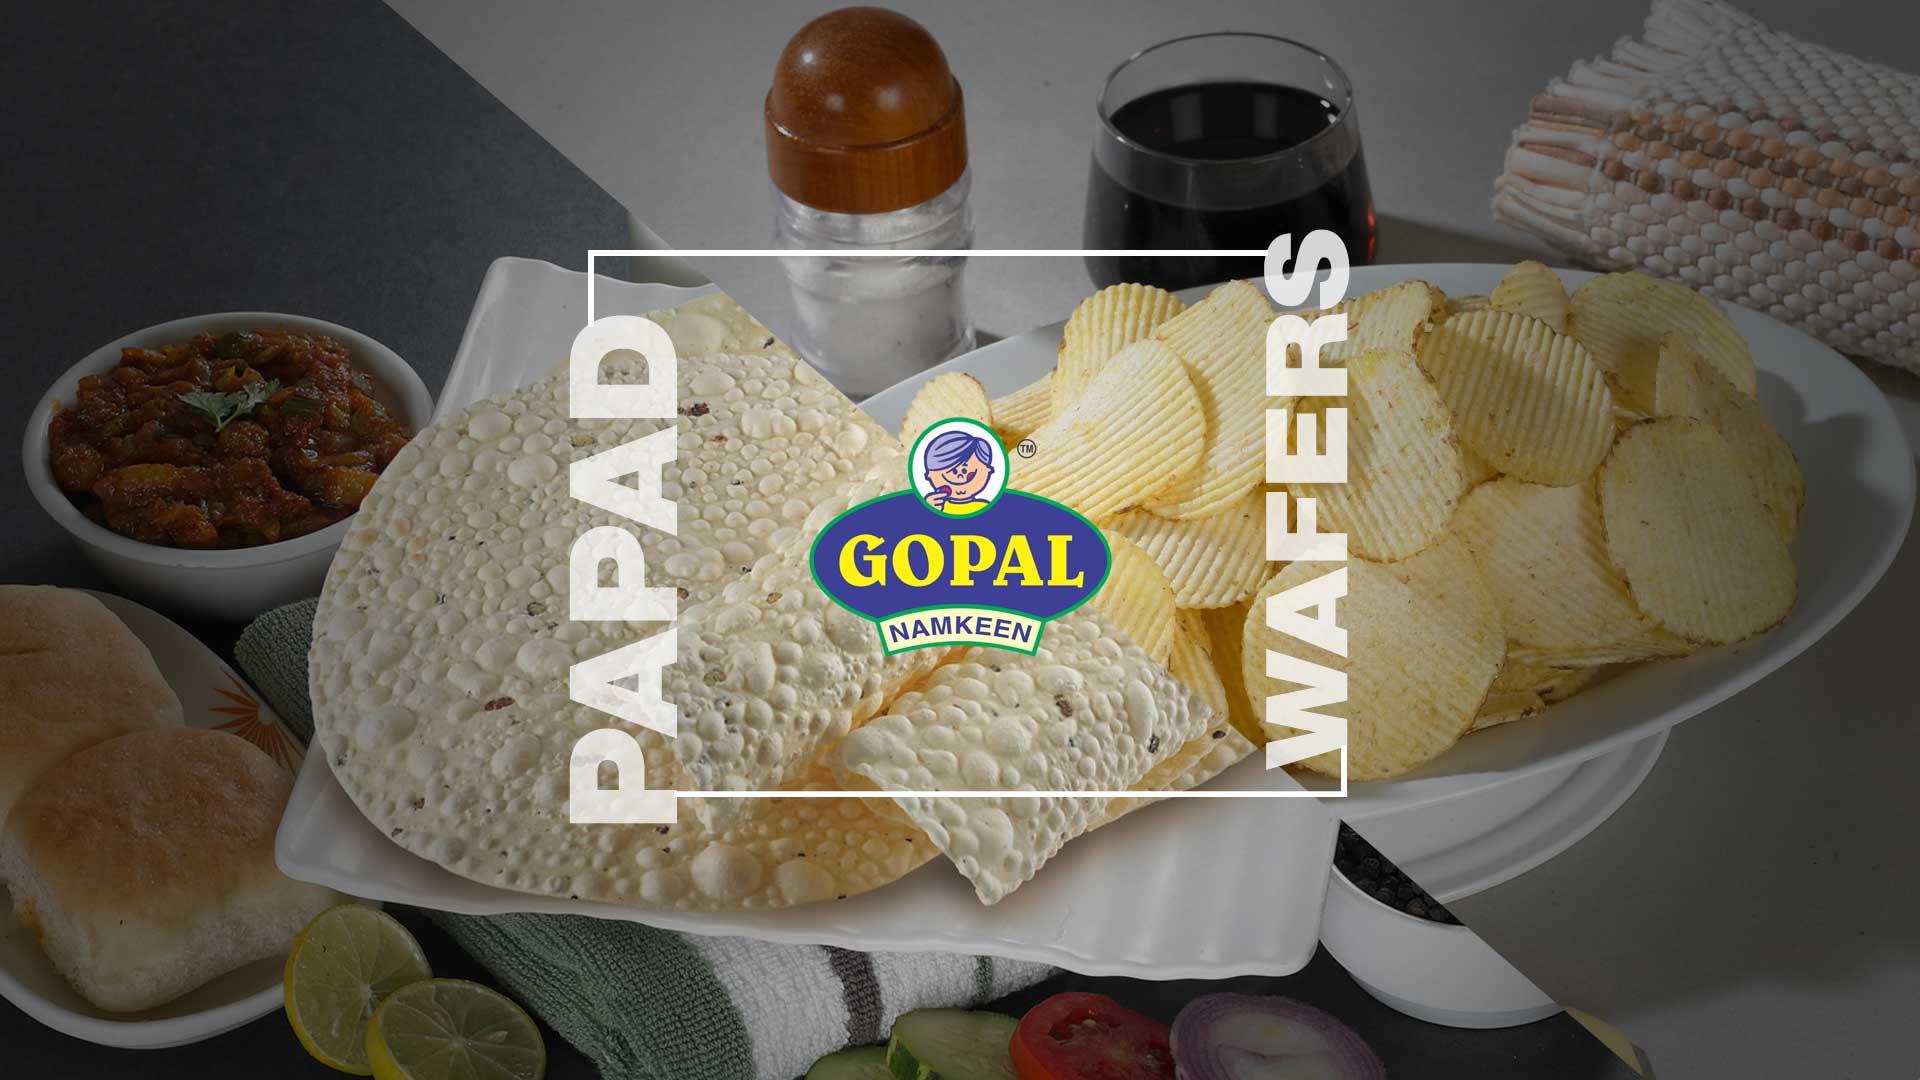 Welcome to Gopal Namkeen